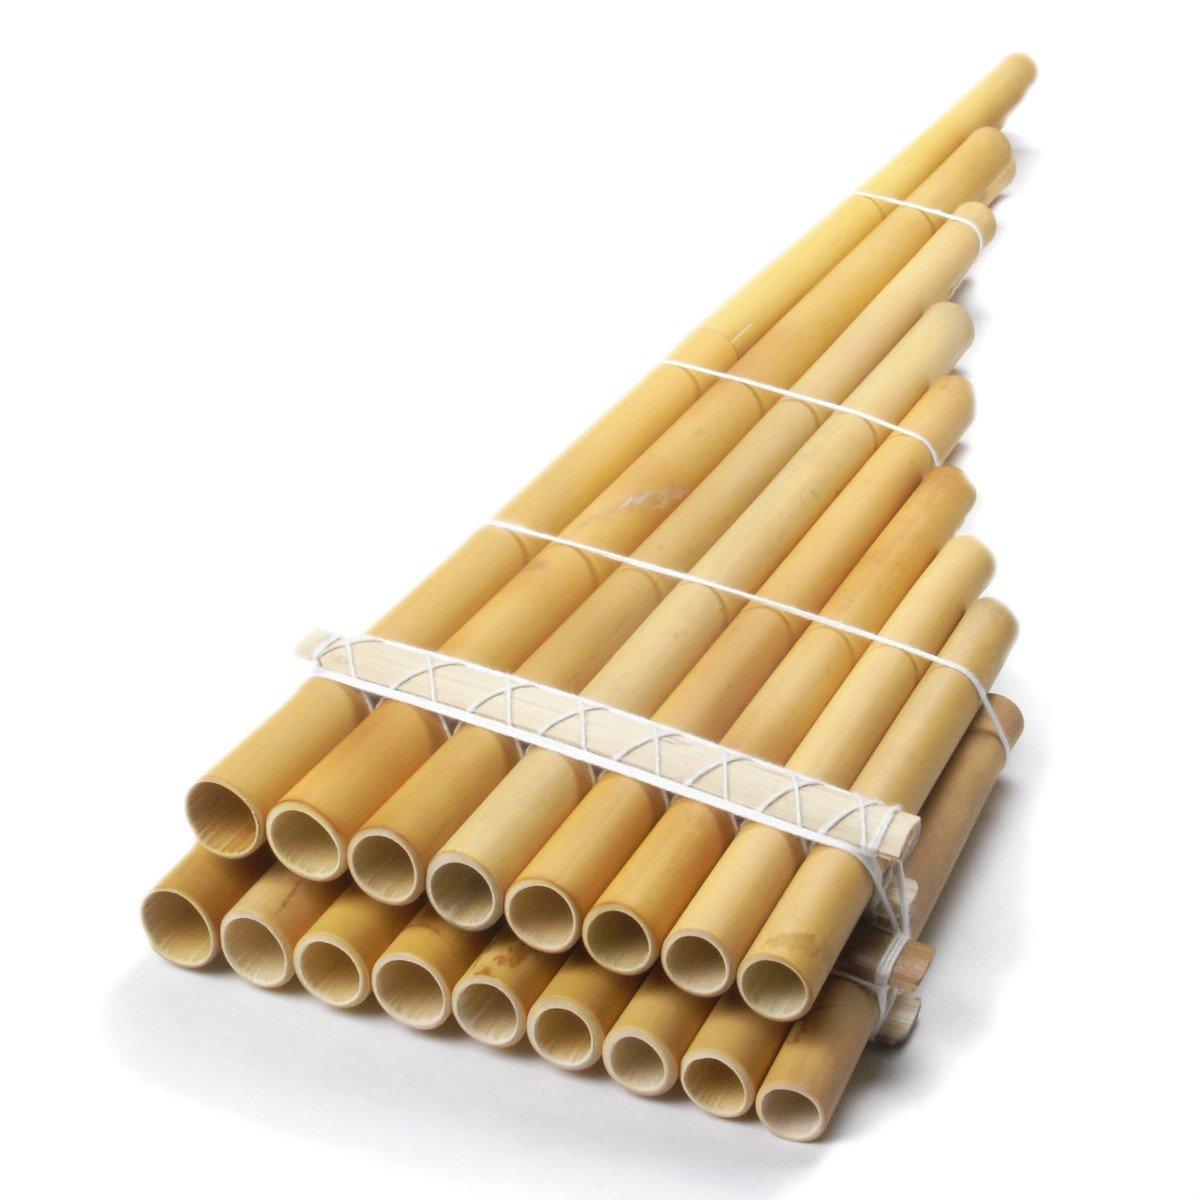 サンポーニャ(サンカ/9管+8管) / フリオママニ [ボリビア製] 正規品 新品 B07FVCXN8F